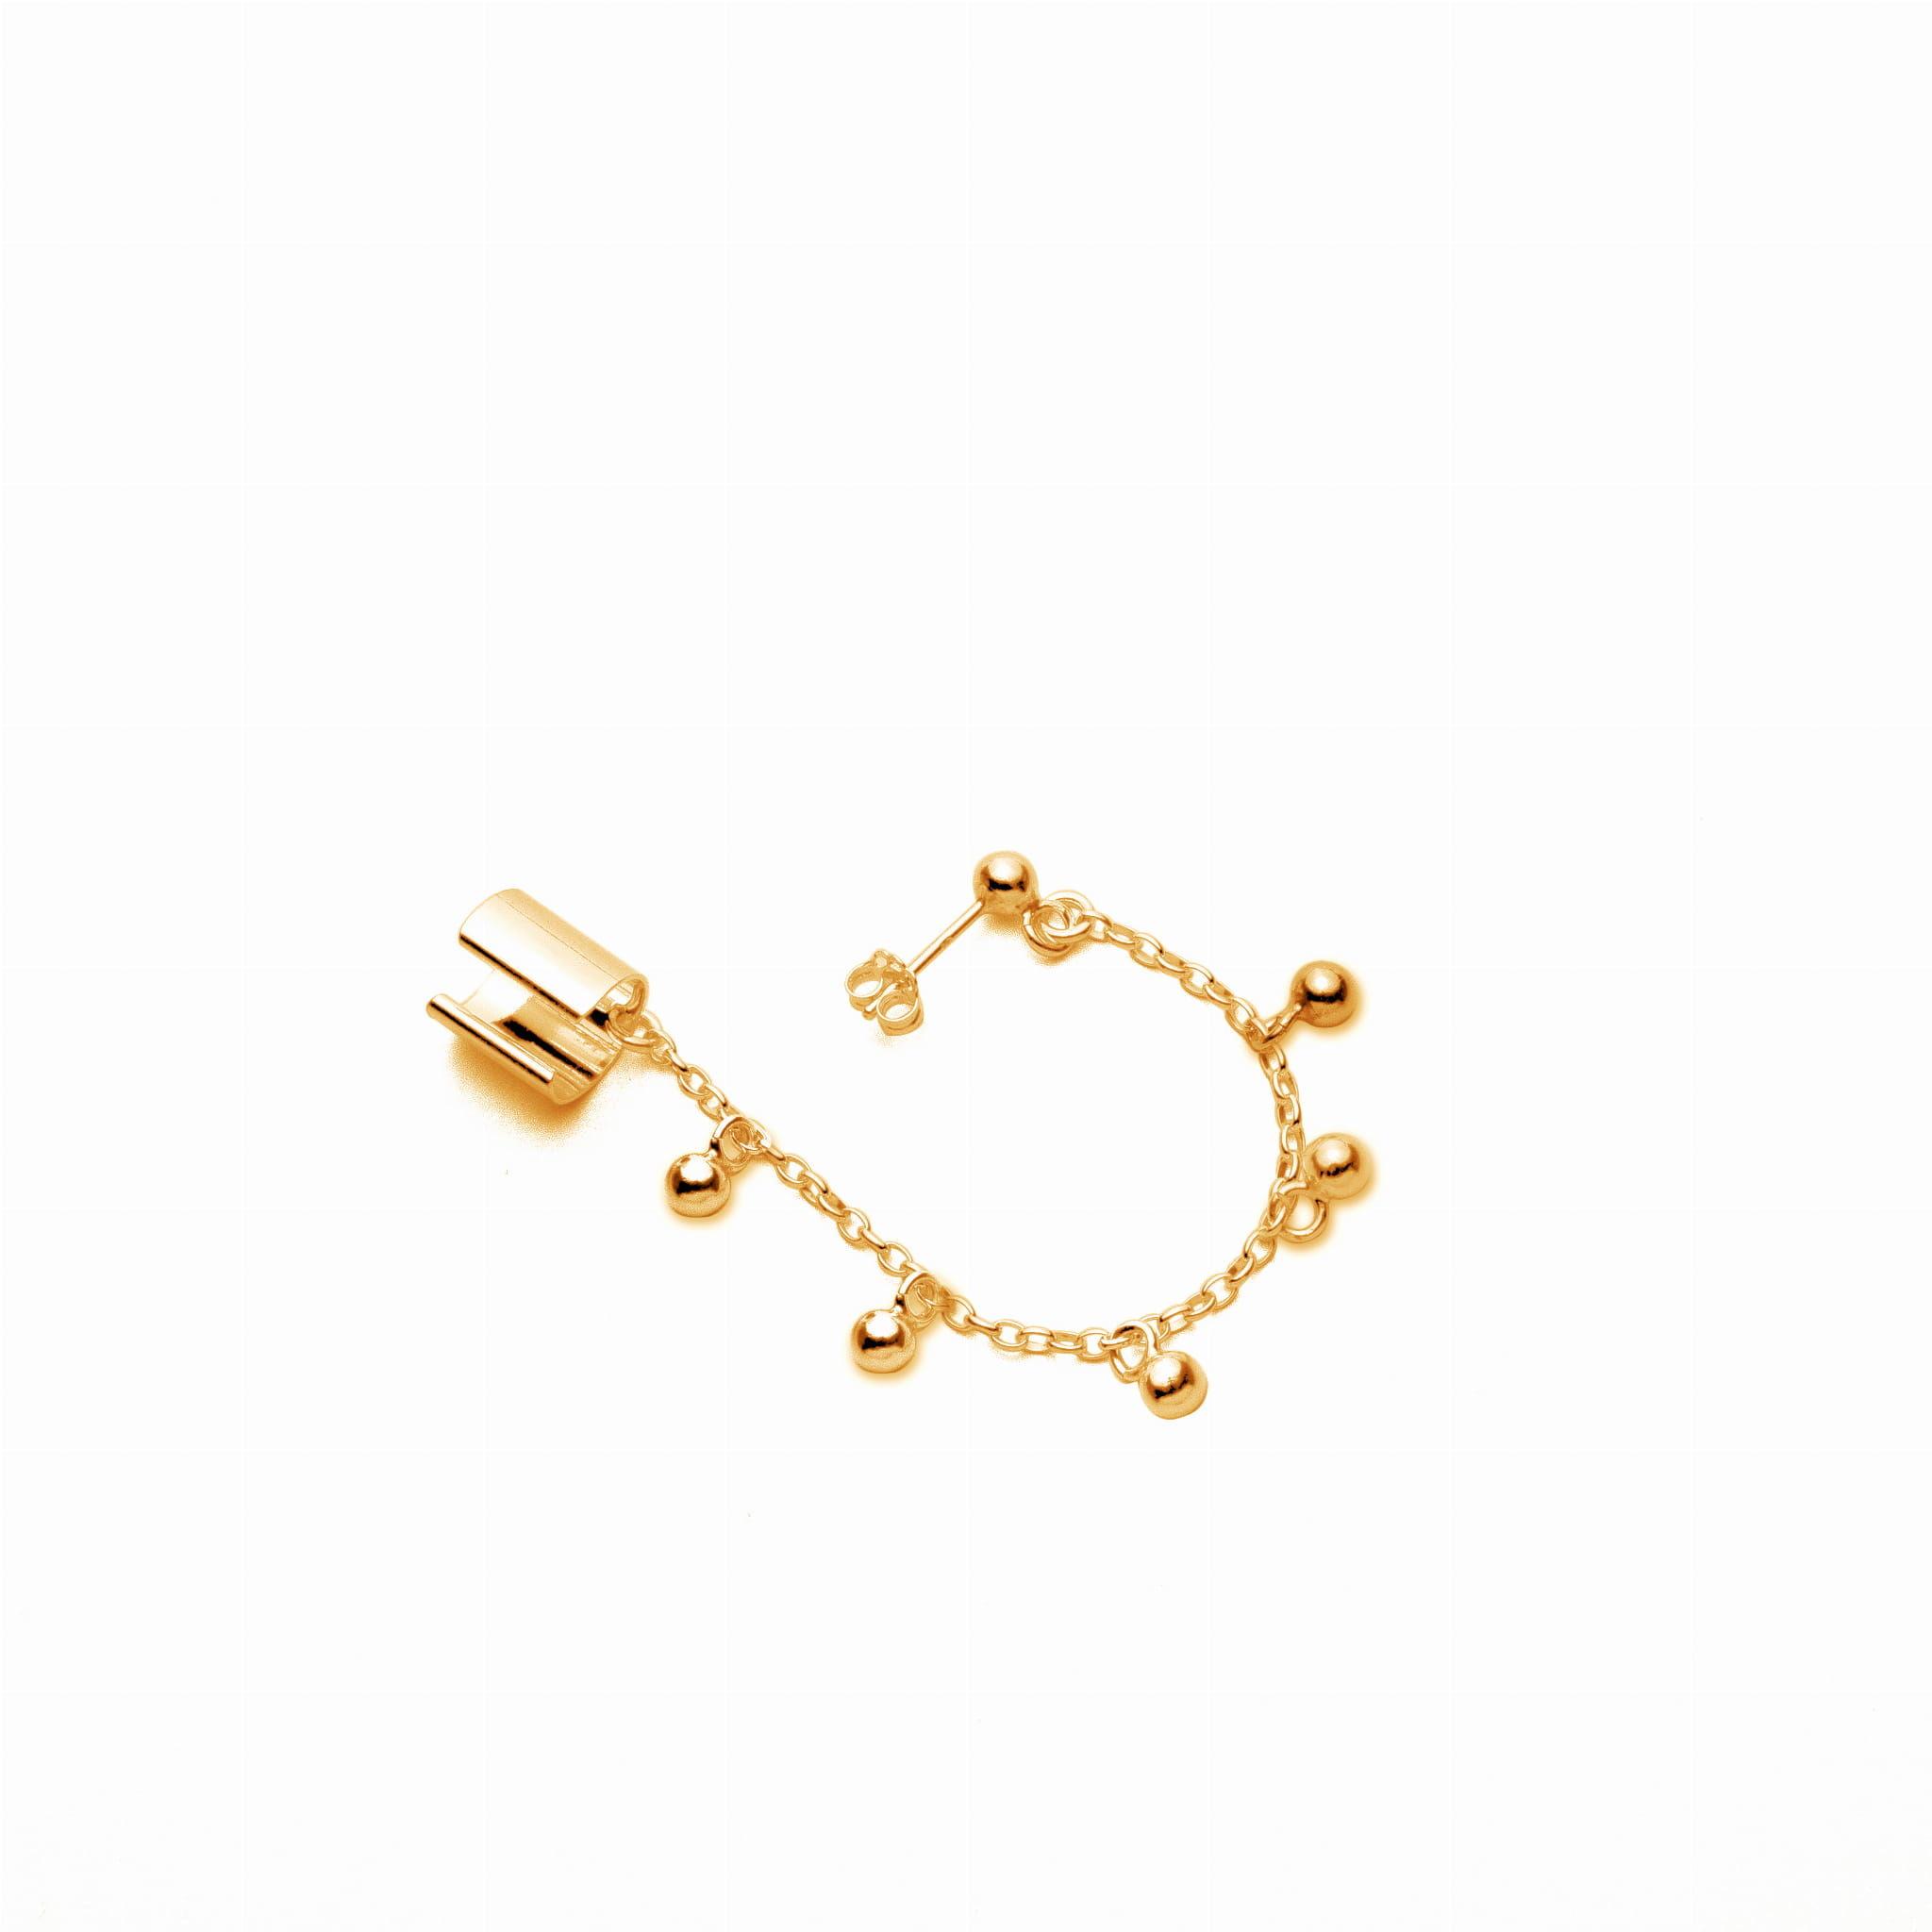 Kolczyk nausznica z łańcuszkiem & kuleczkami